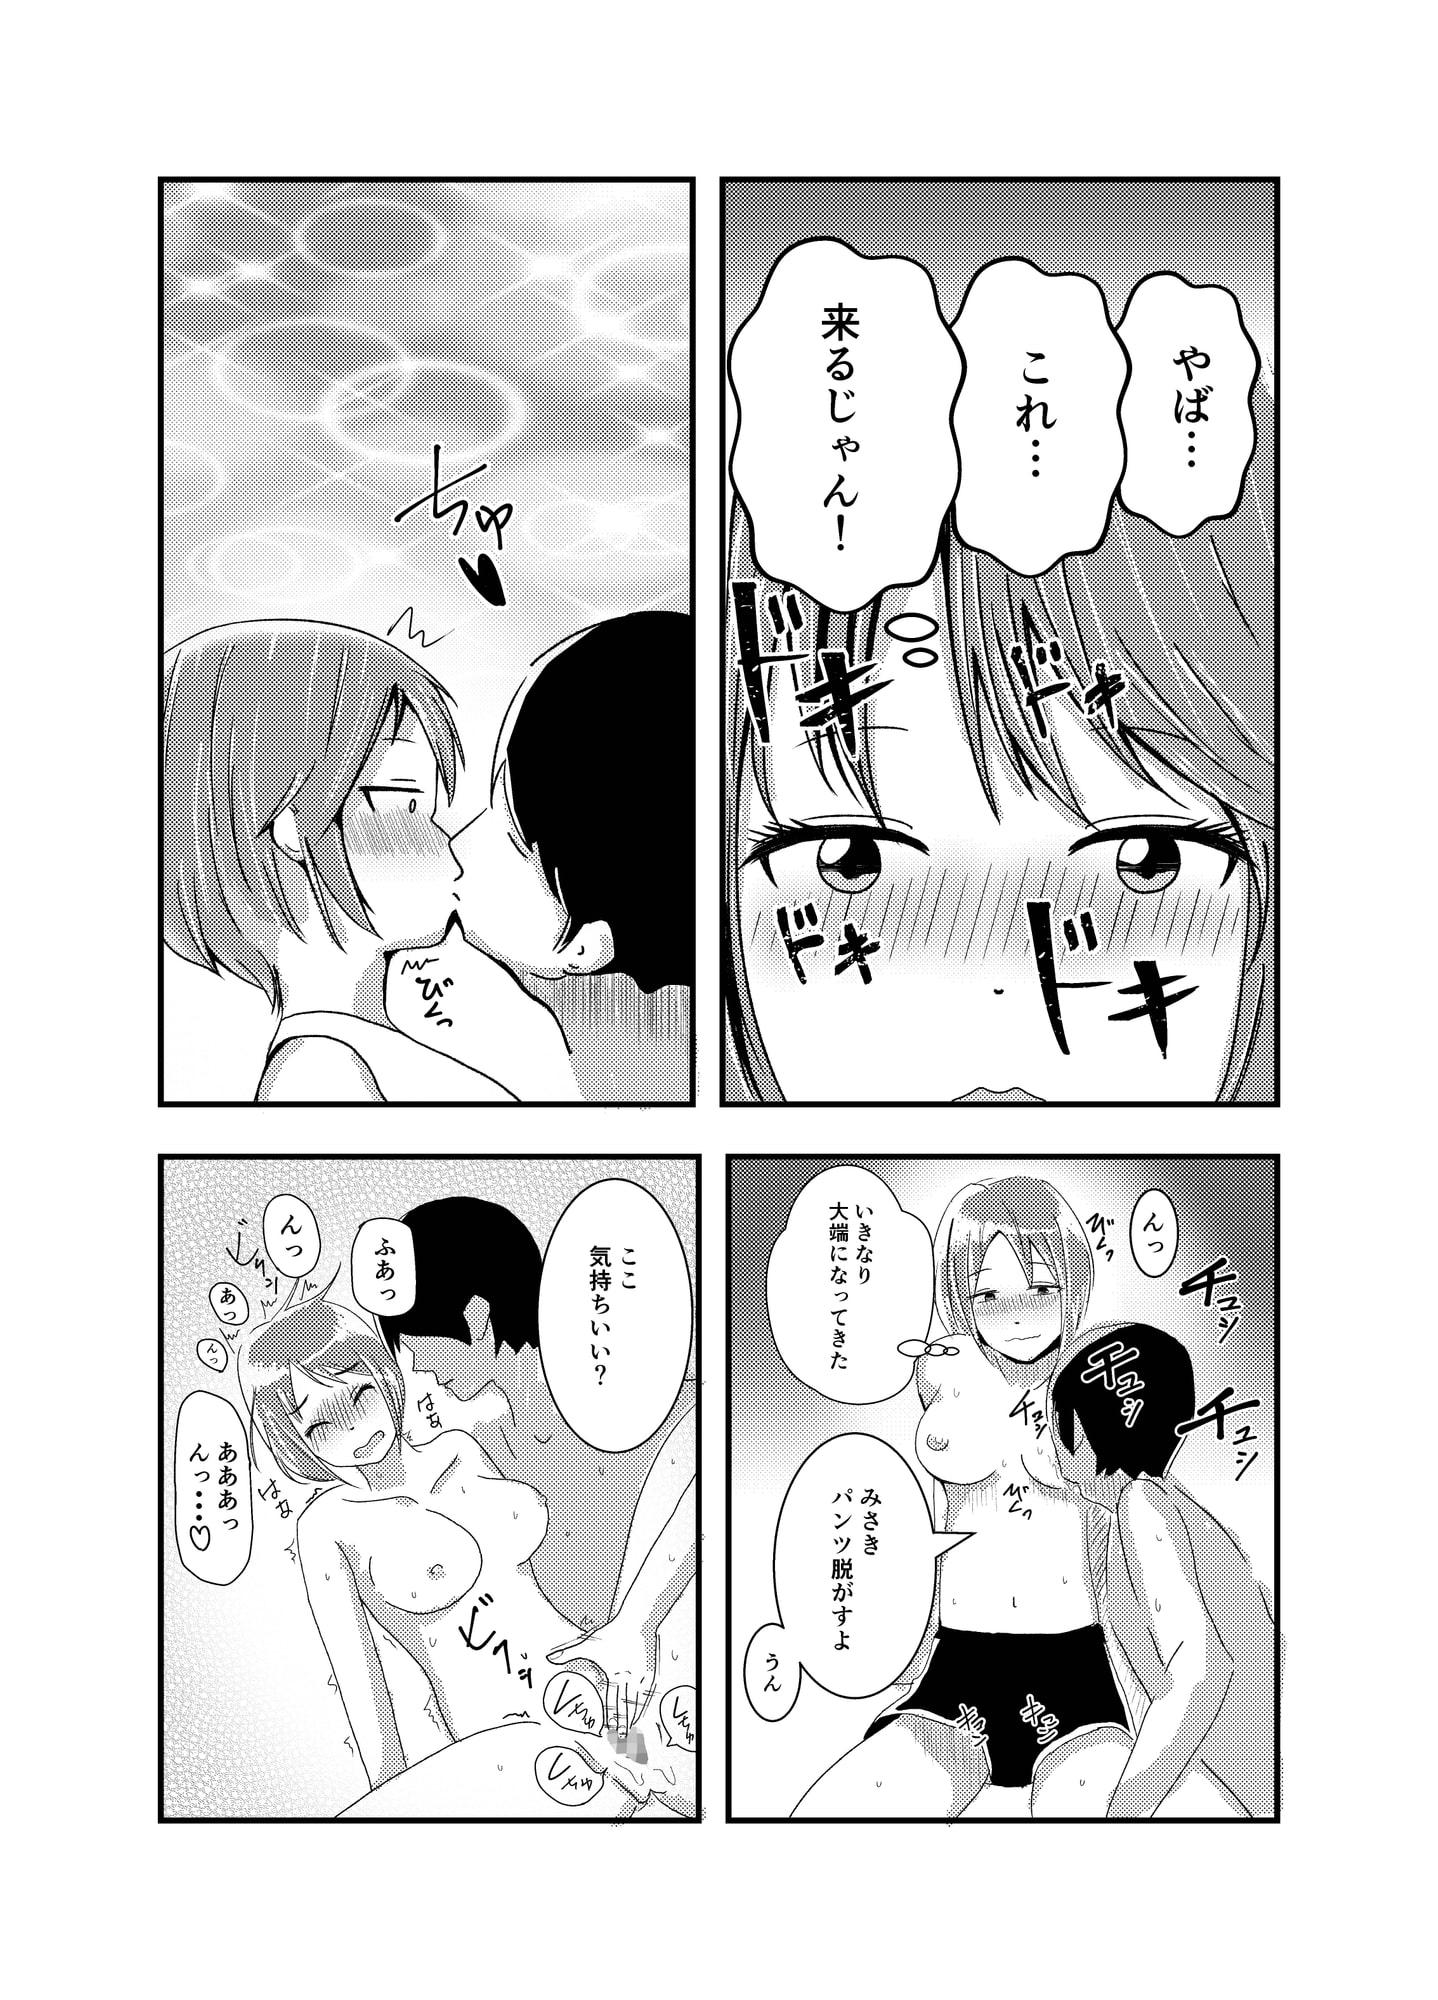 RJ324550 幼馴染の岬ちゃん [20210423]